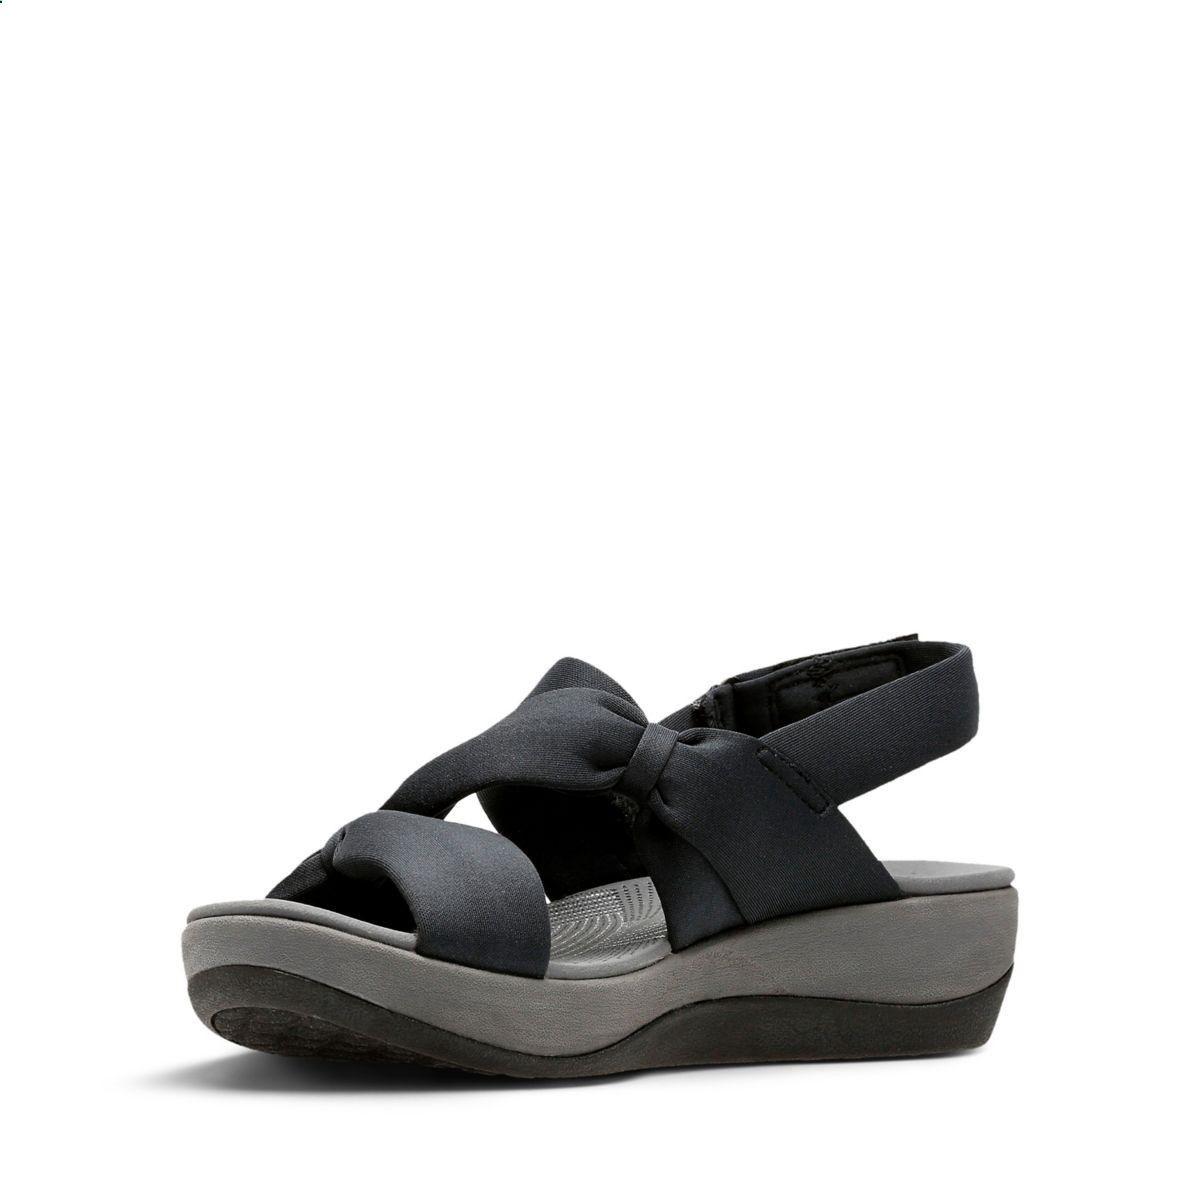 0a21f9fd221a Women s Sandals -  womenssandals - Clarks Arla Primrose - Womens Sandals  Black 7.5 E (